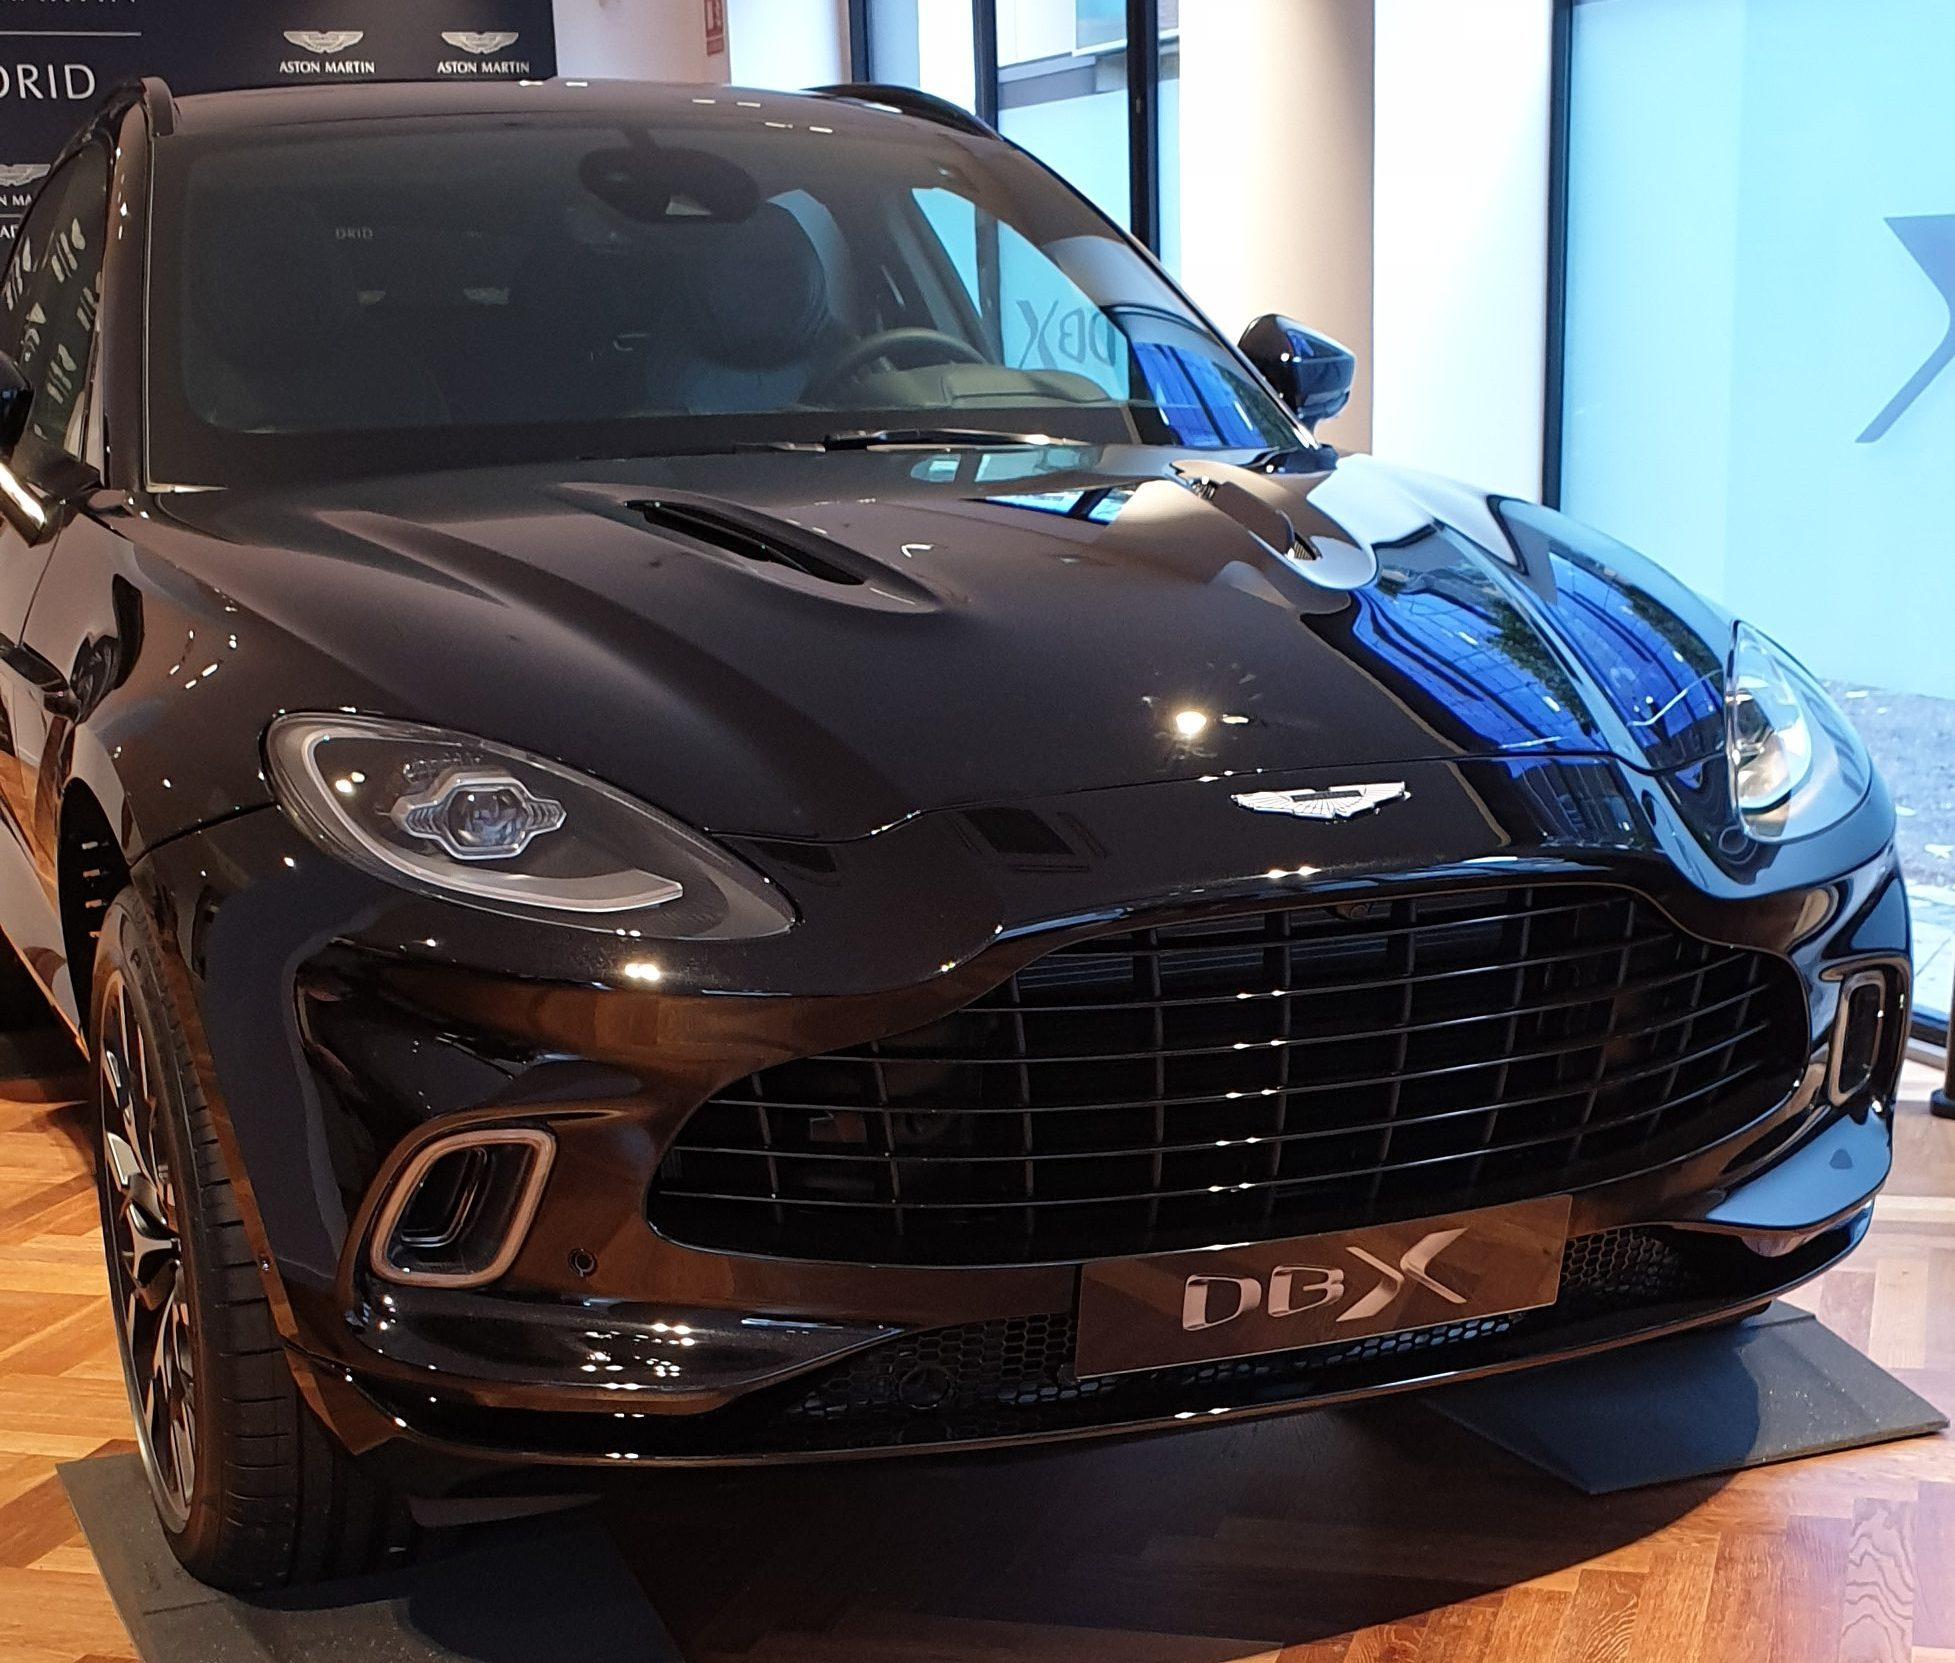 Aston Martin Dbx Presentación Oficial (28)